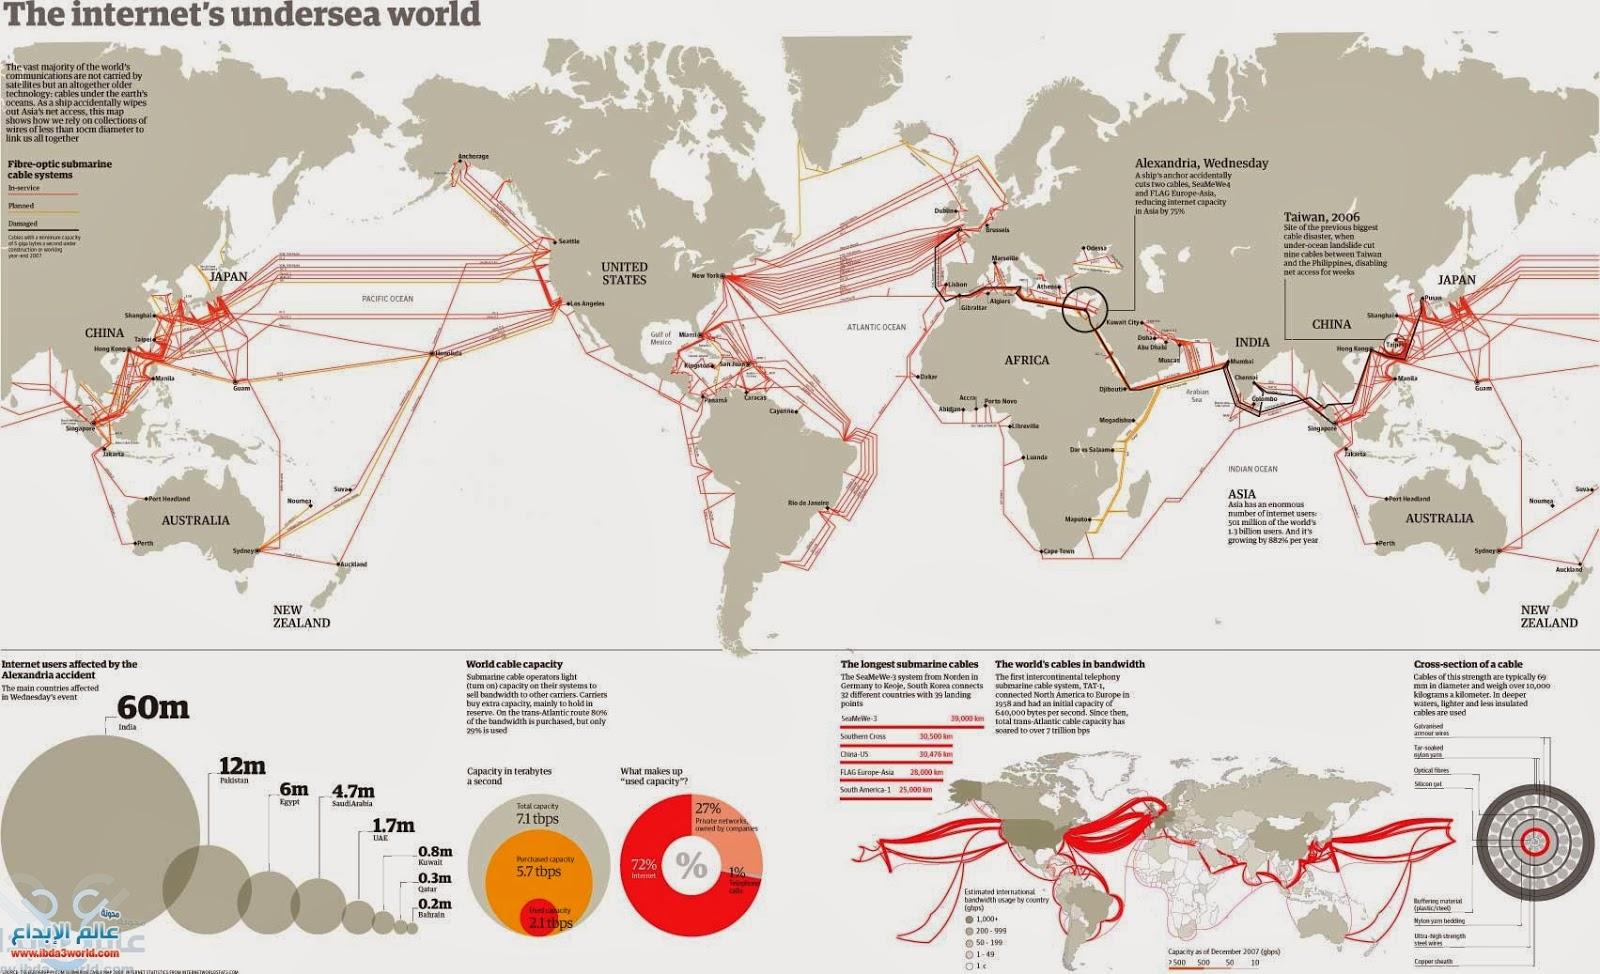 خريطة لكابلات الانترنت البحرية العالمية